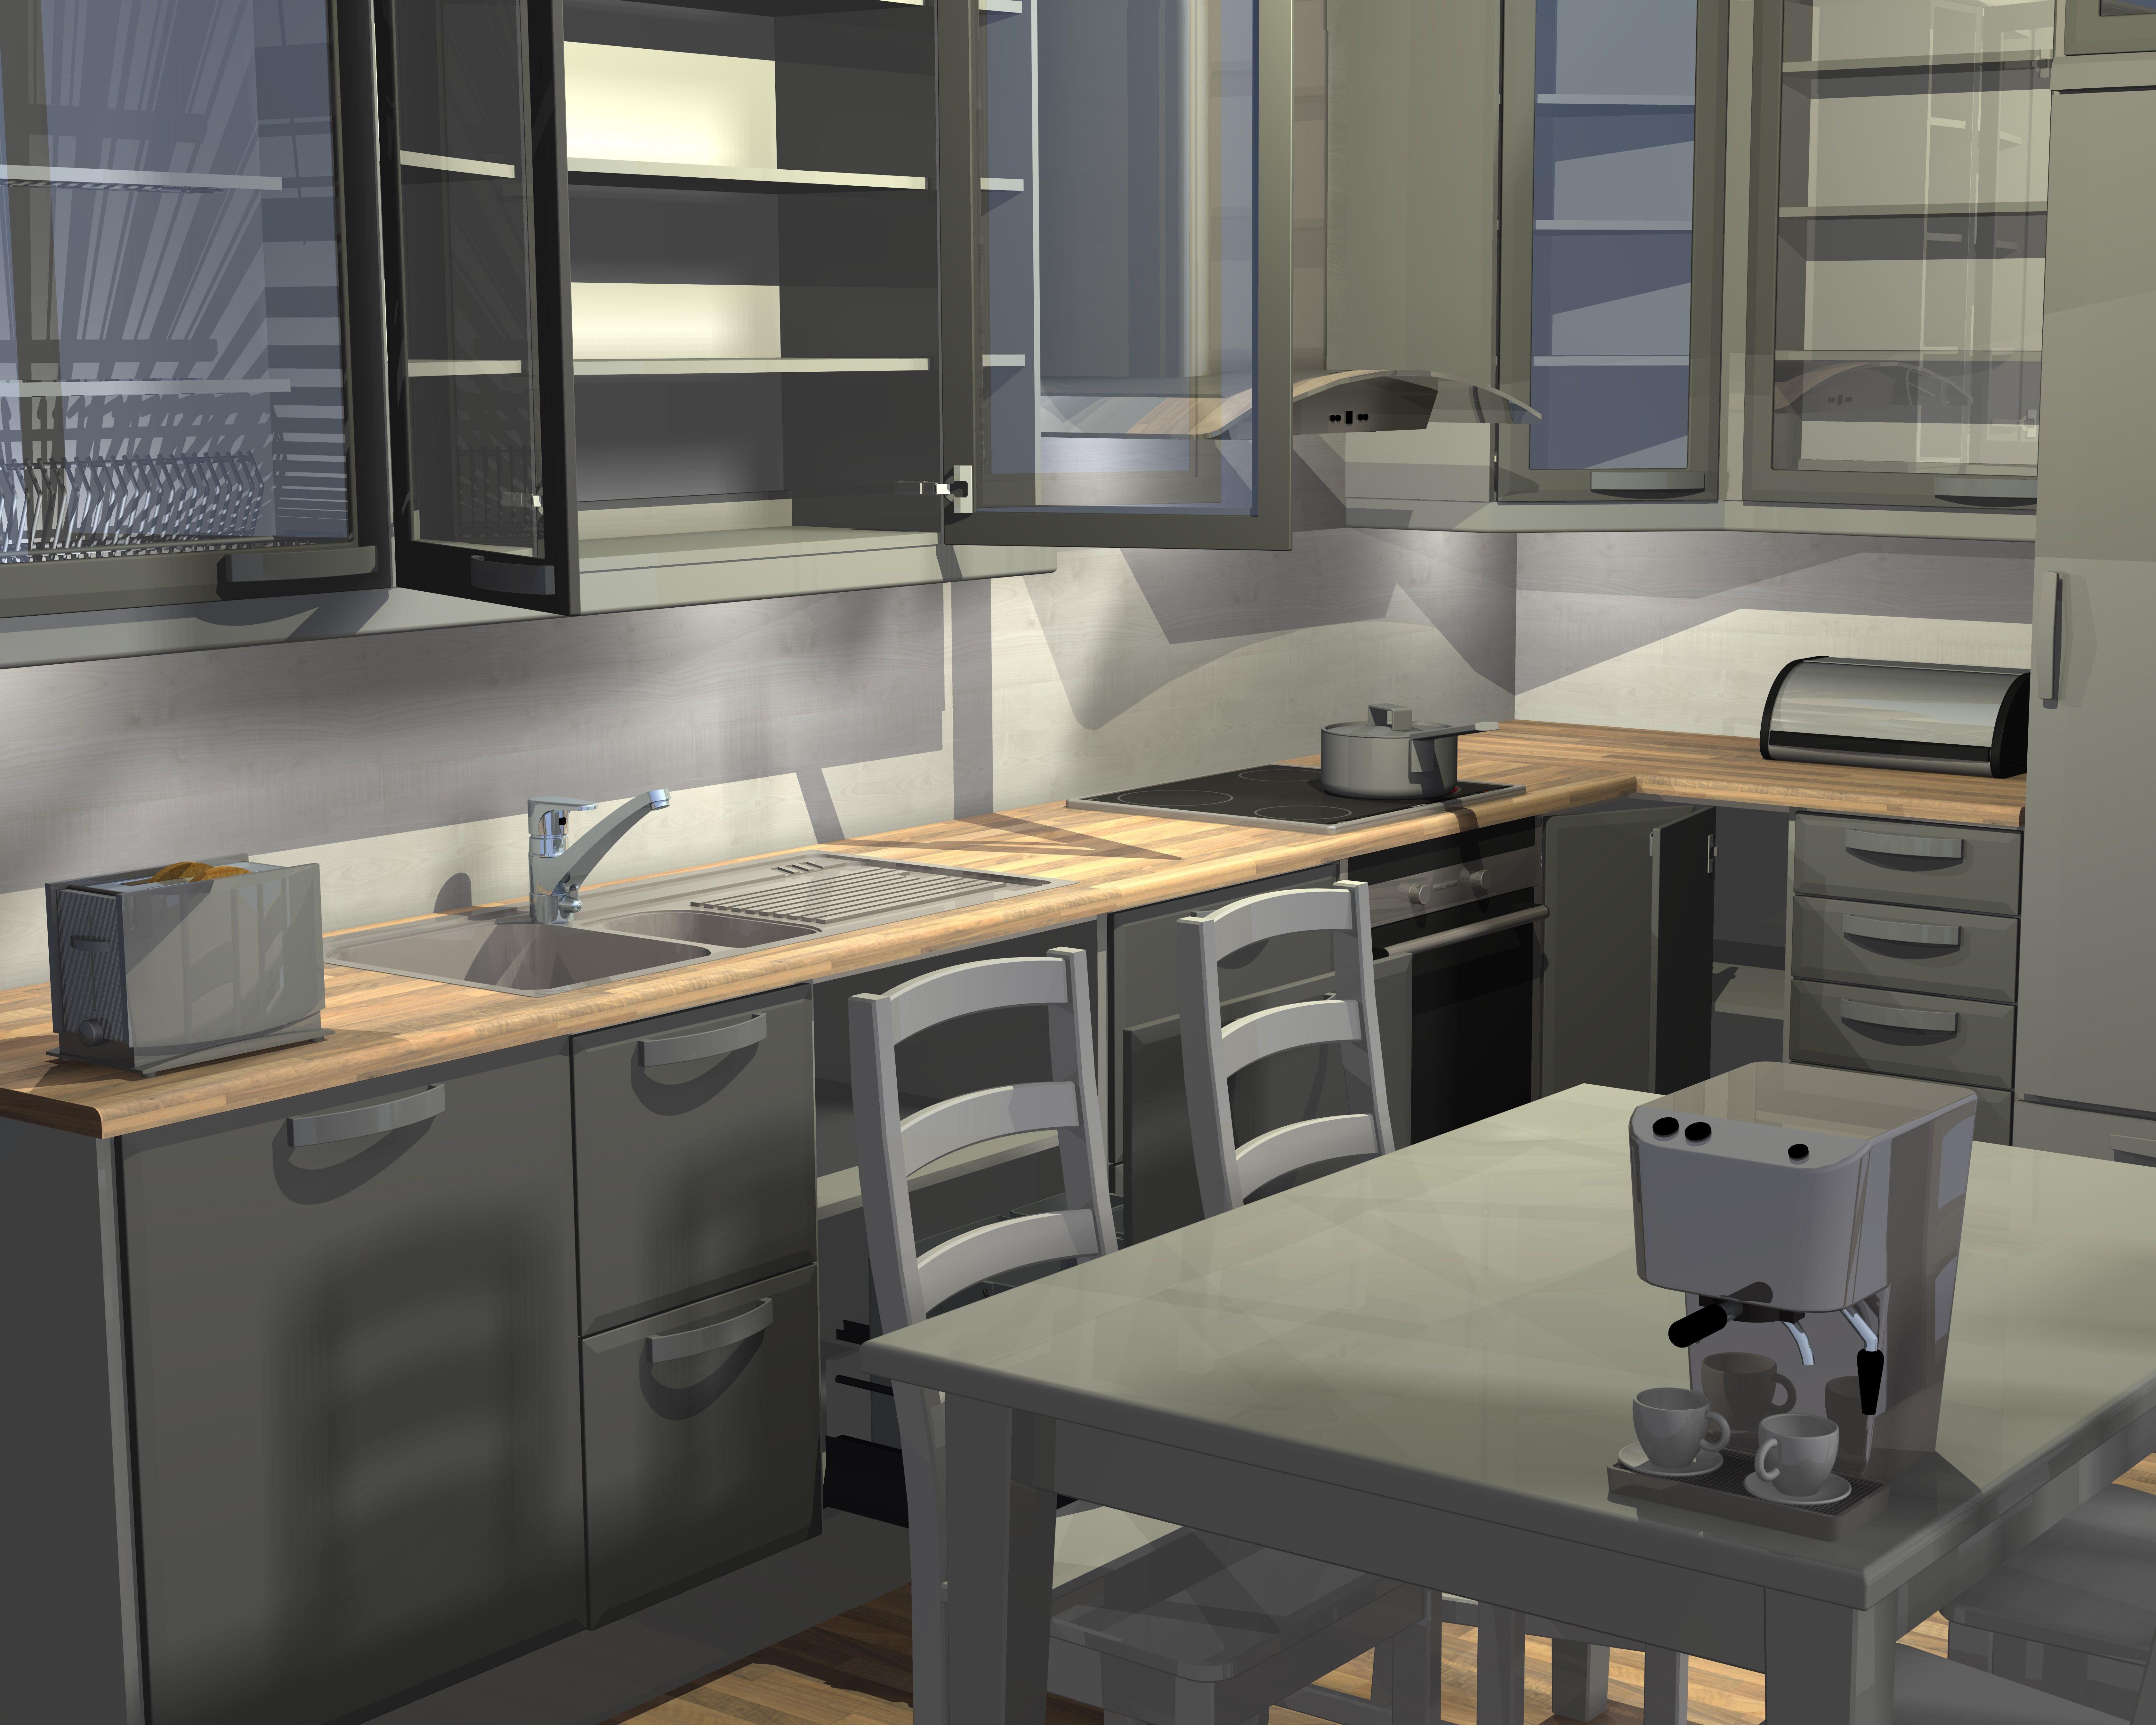 Vertex InD Kitchen Design Software Design examples